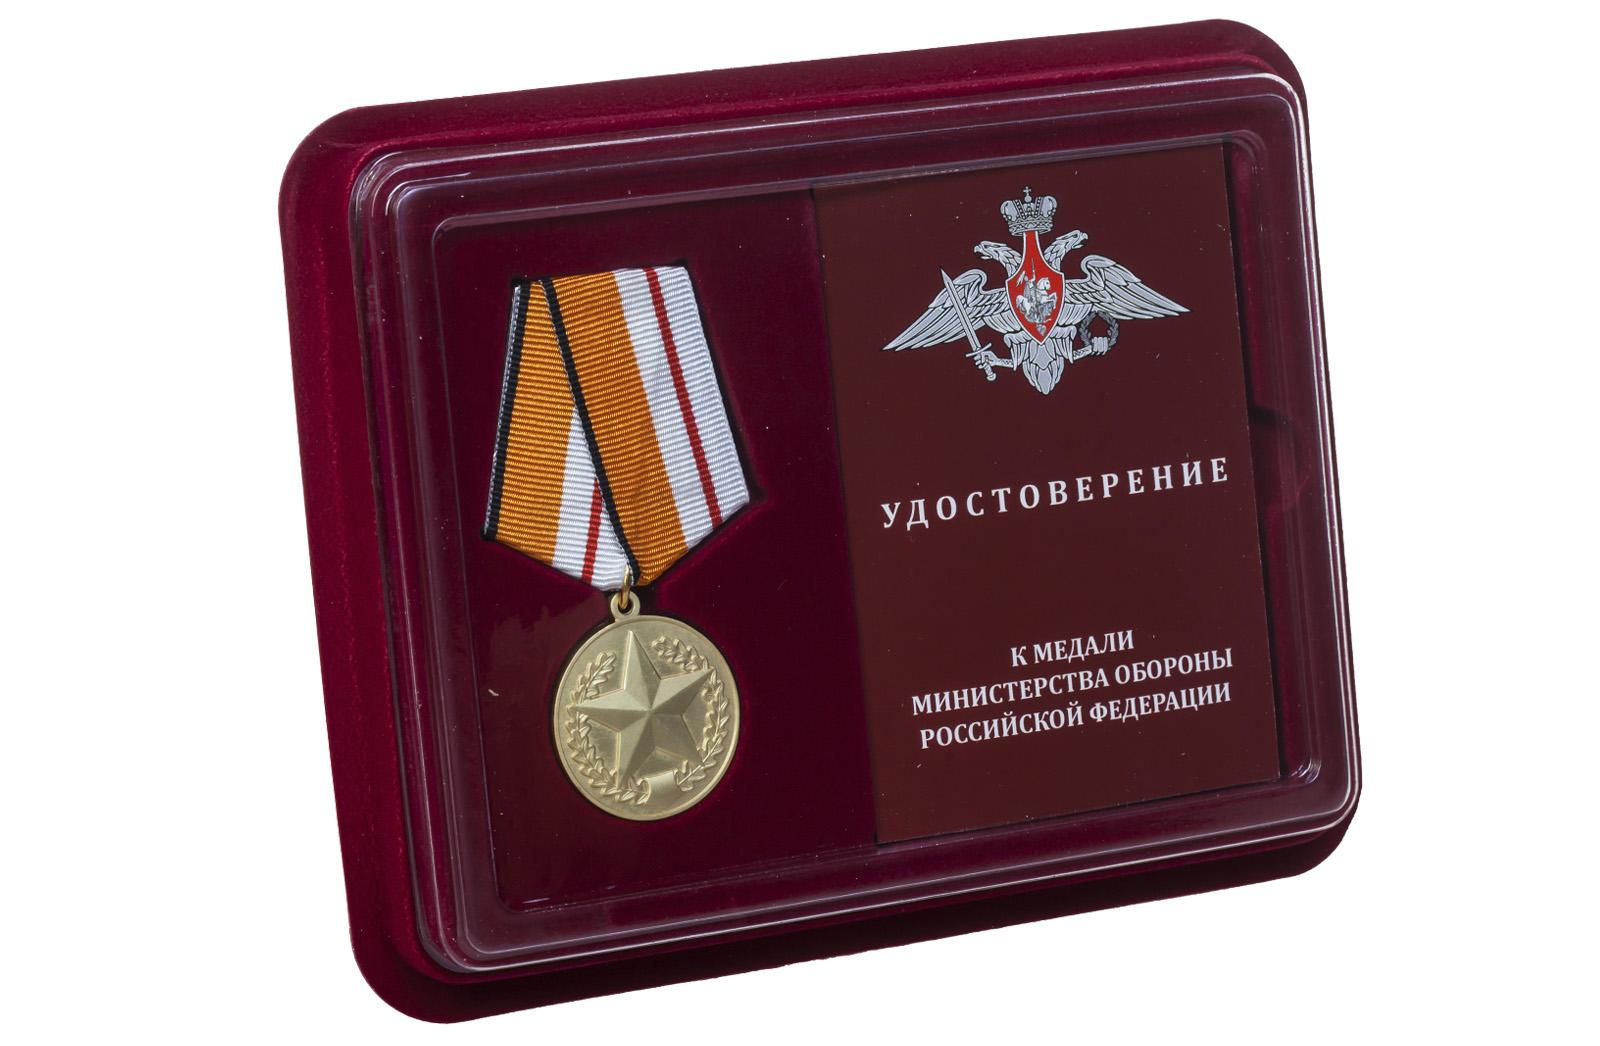 Купить медаль МО РФ За отличие в соревнованиях 1 место оптом или в розницу